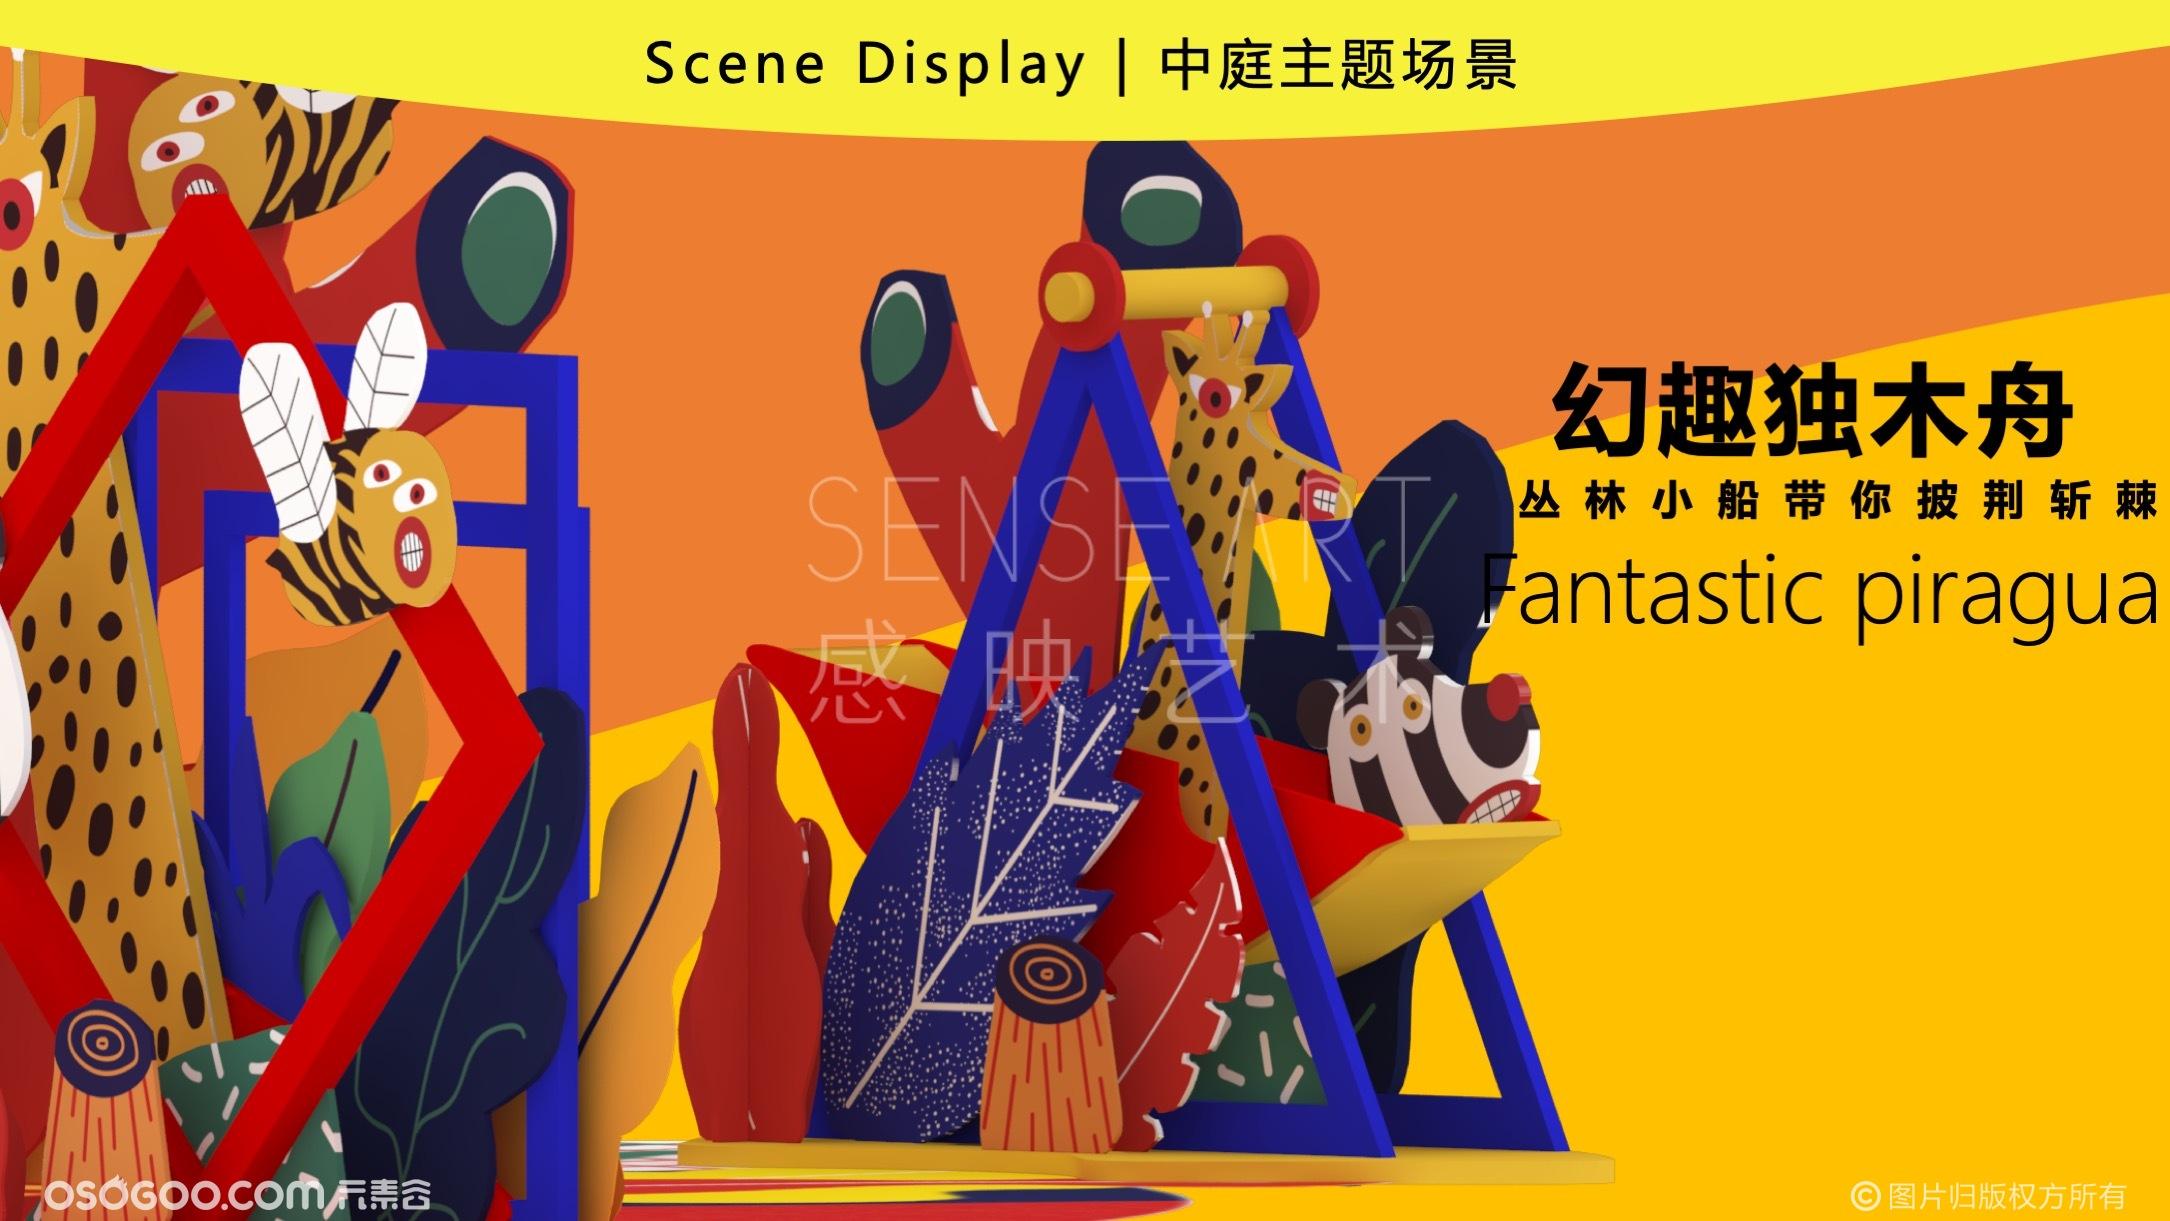 【狂欢嘉年华】荷兰抽象奇特艺术家主题IP美陈装置展